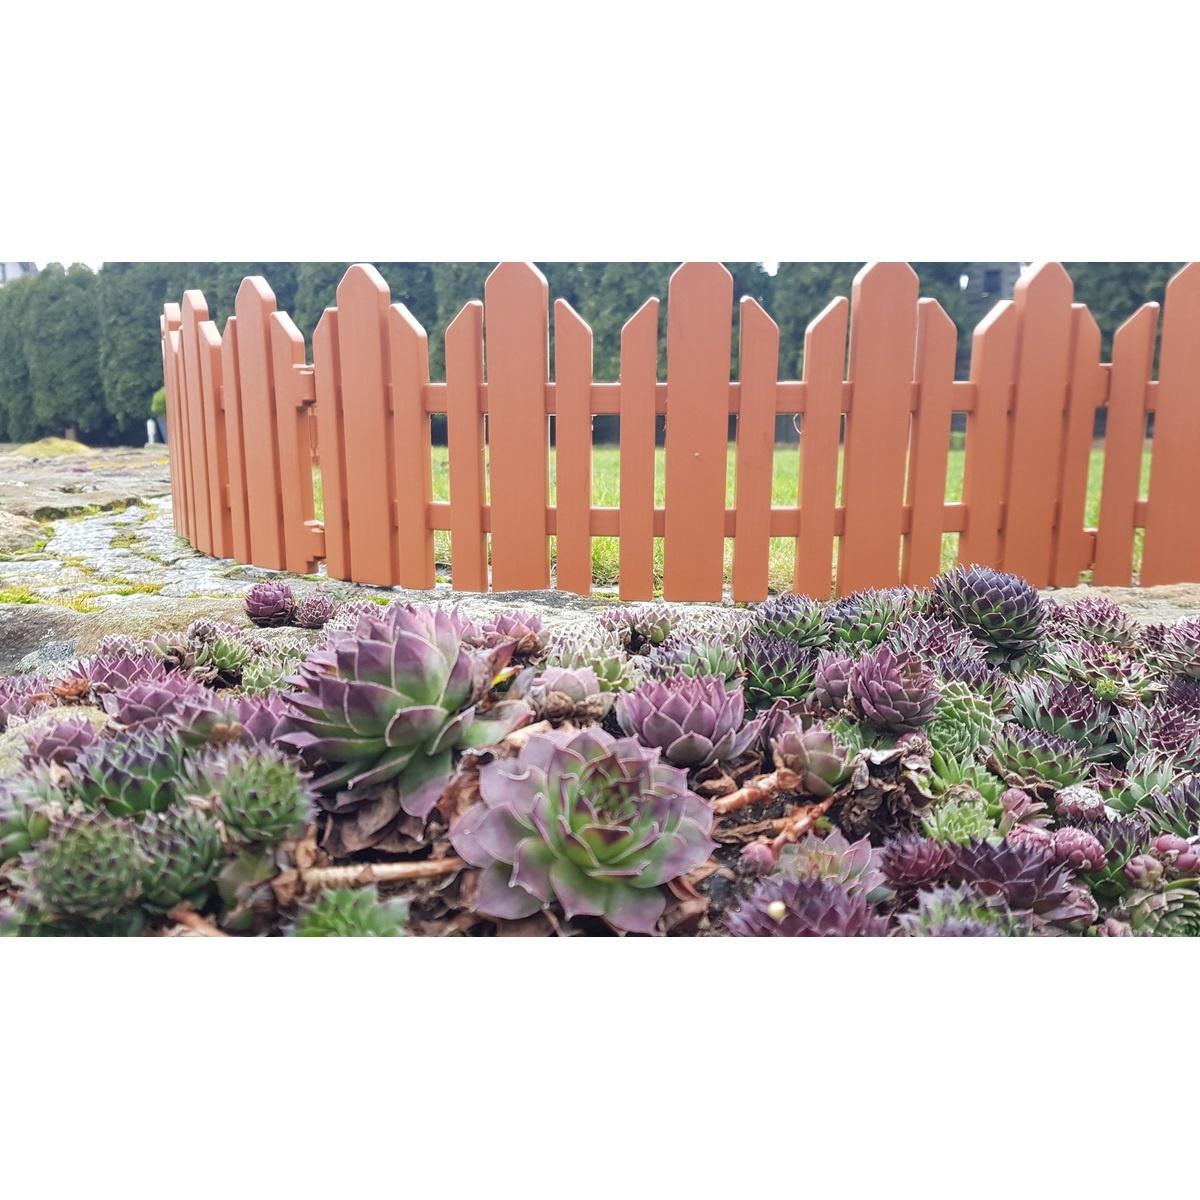 Zahradní plůtek Home terakota, 2,3 m